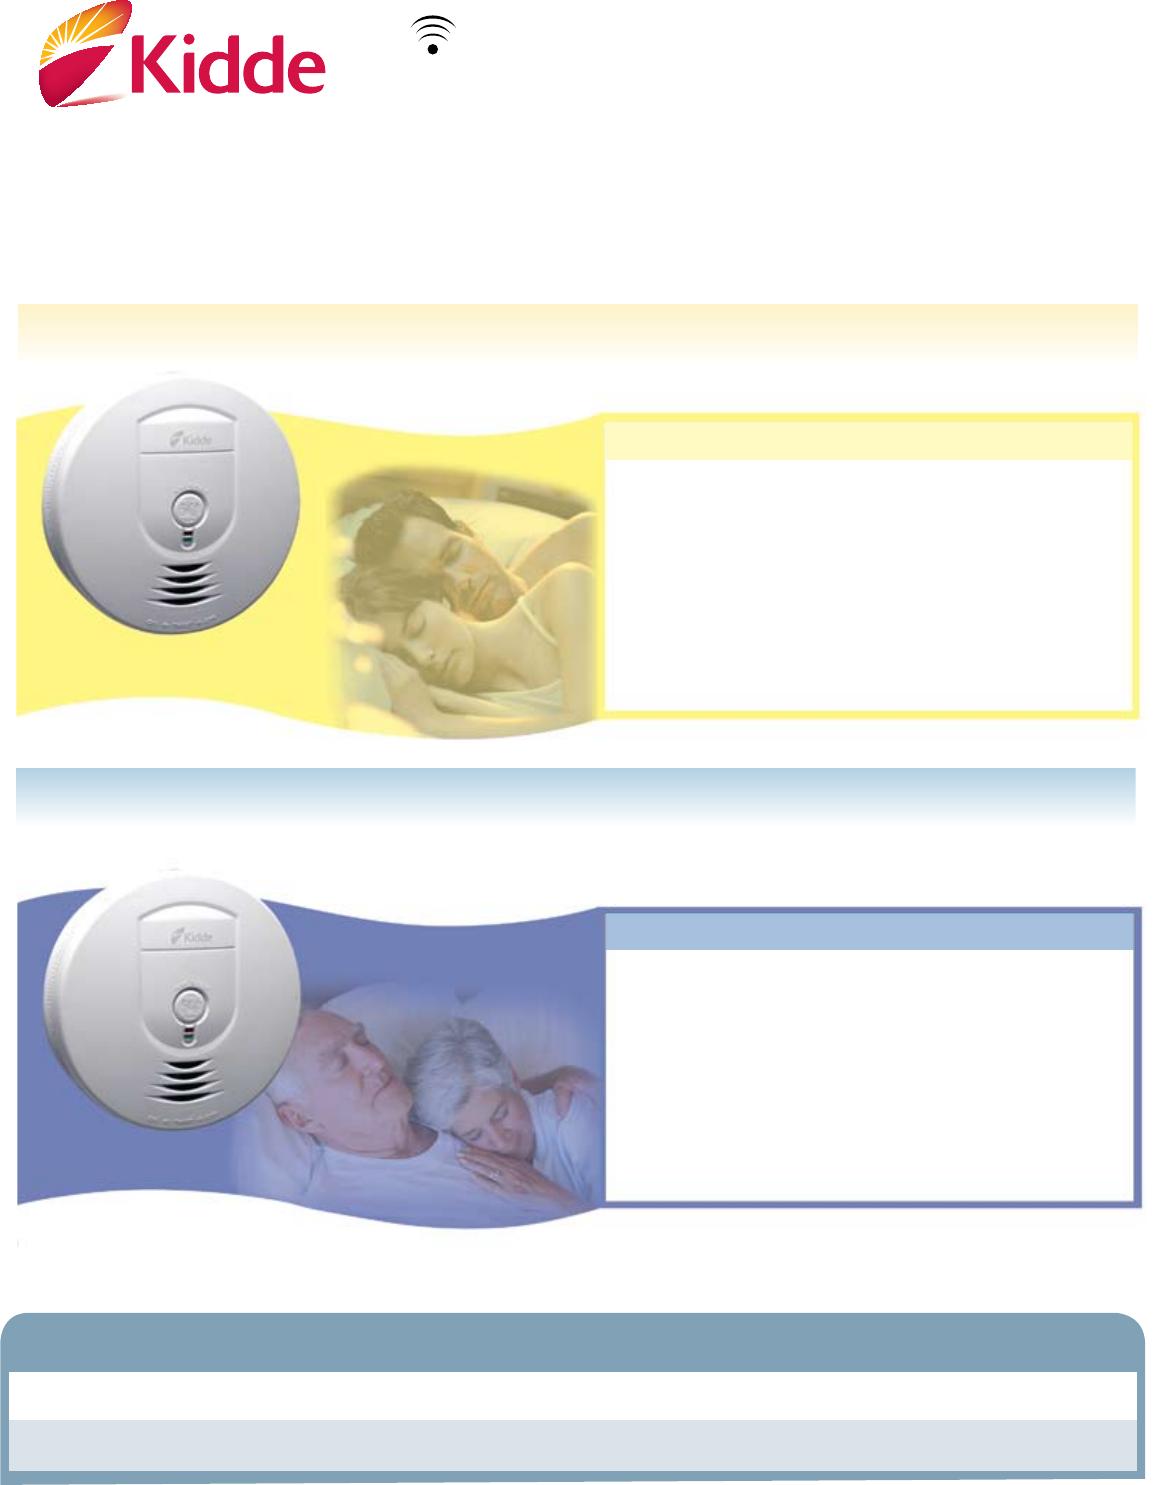 kidde smoke alarm 0919 9999 user guide. Black Bedroom Furniture Sets. Home Design Ideas